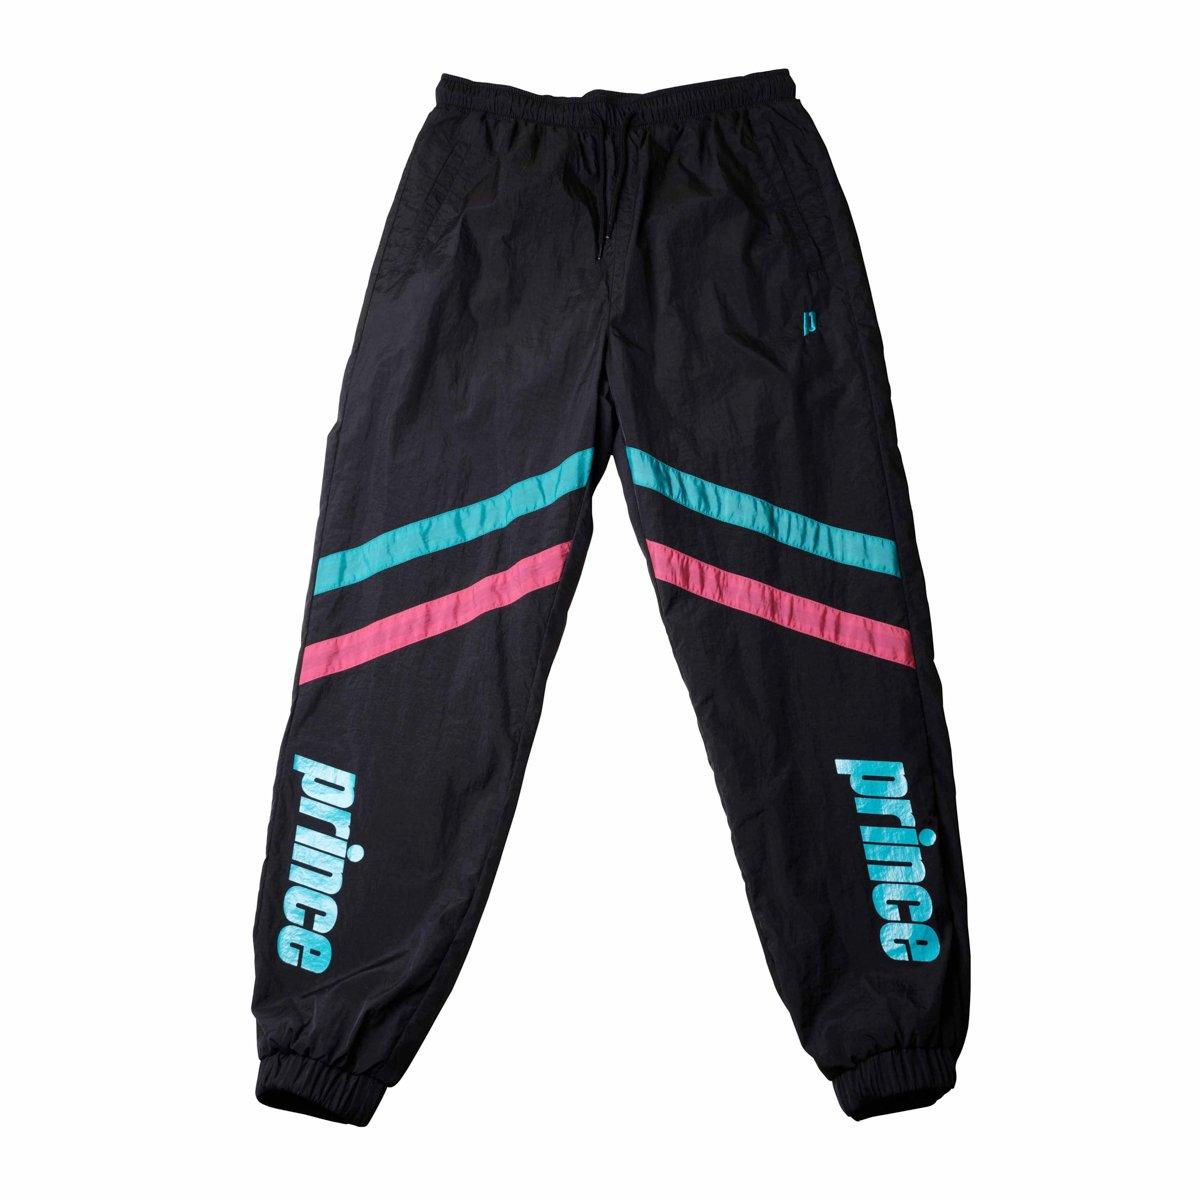 Black Baseline Windbreaker Pants